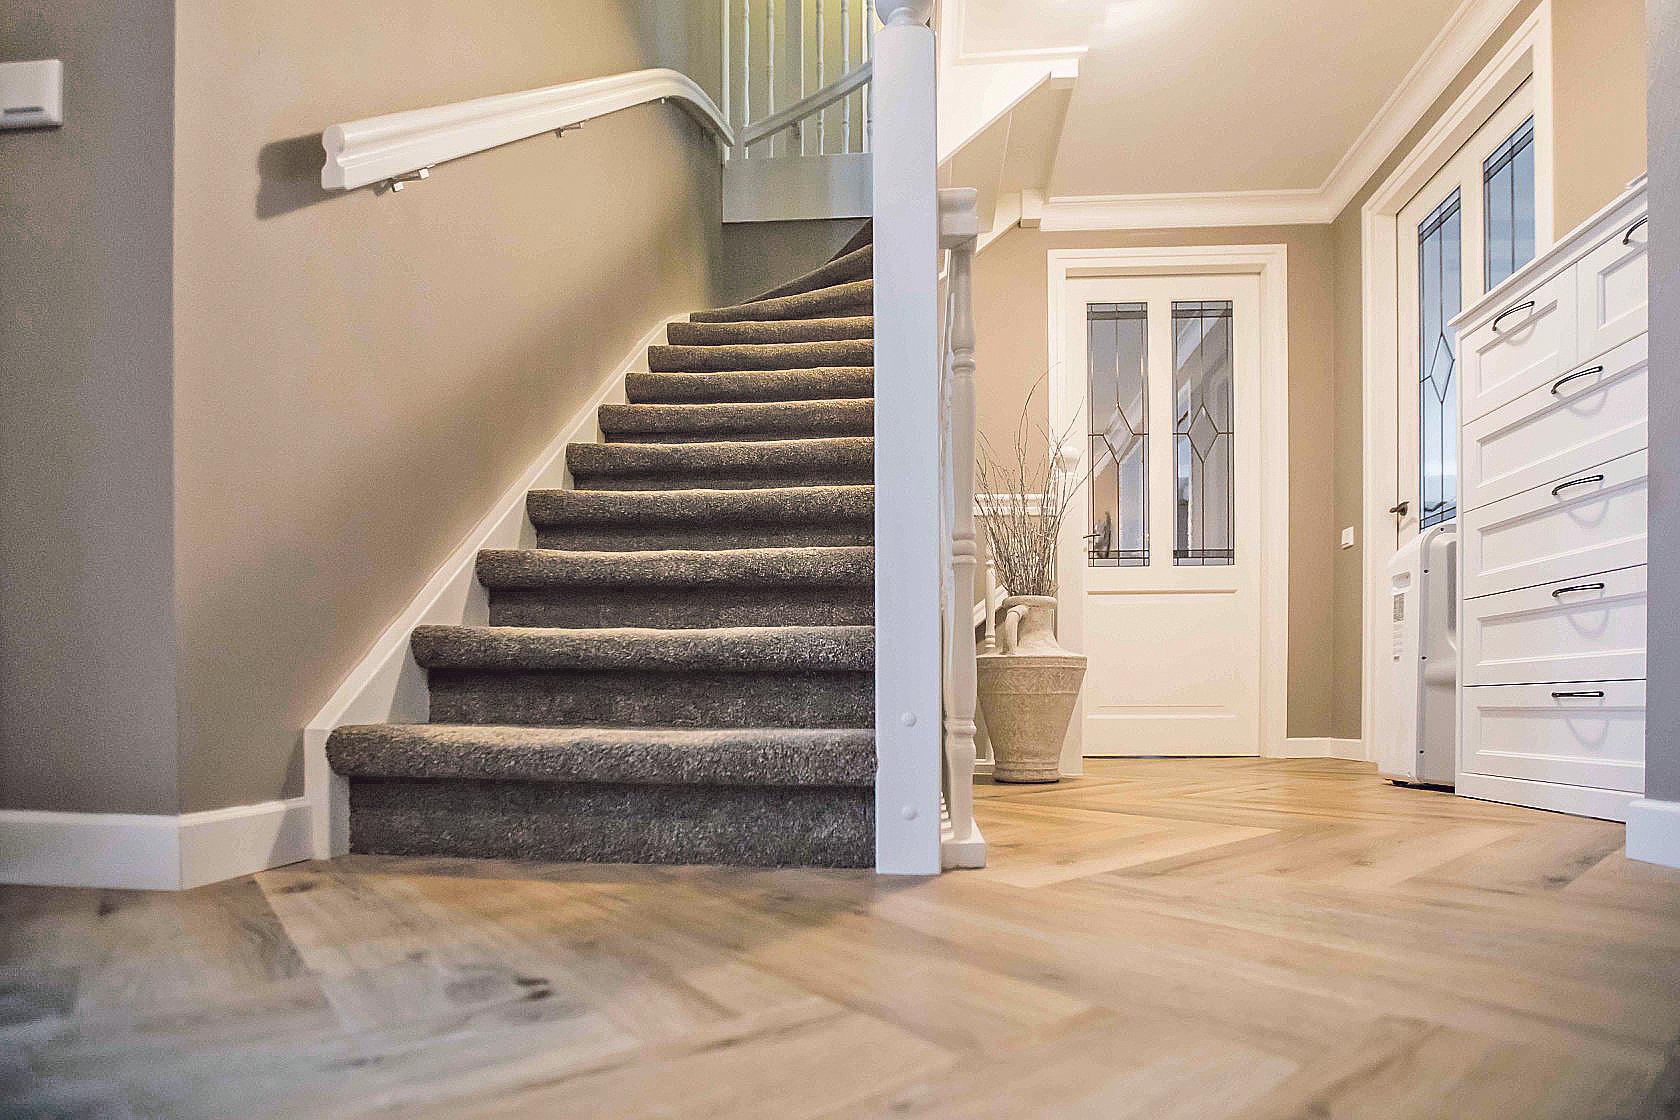 Floorever biedt jou voor jouw (t)huis 'all-inclusive' vloer en raamdecoratie